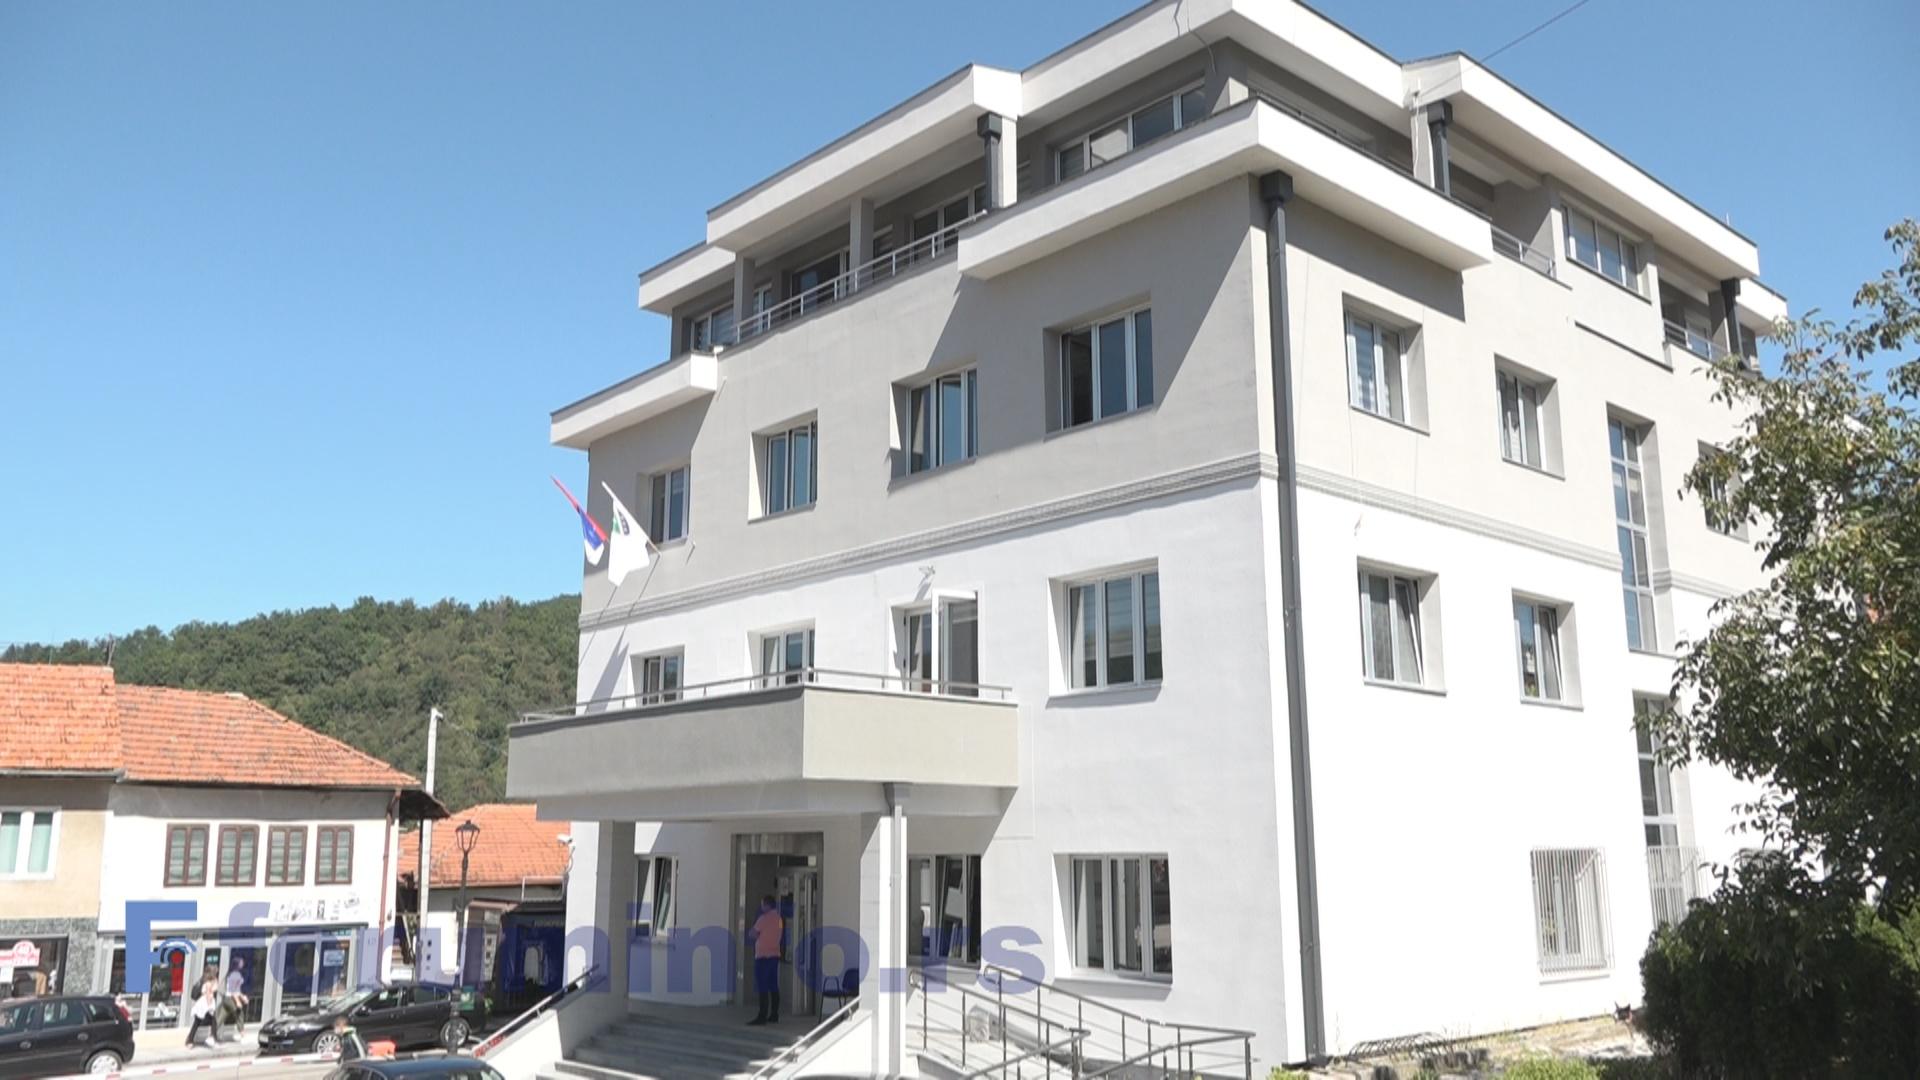 Општина Пријепоље планира ангажовање адвоката до избора новог јавног правобраниоца